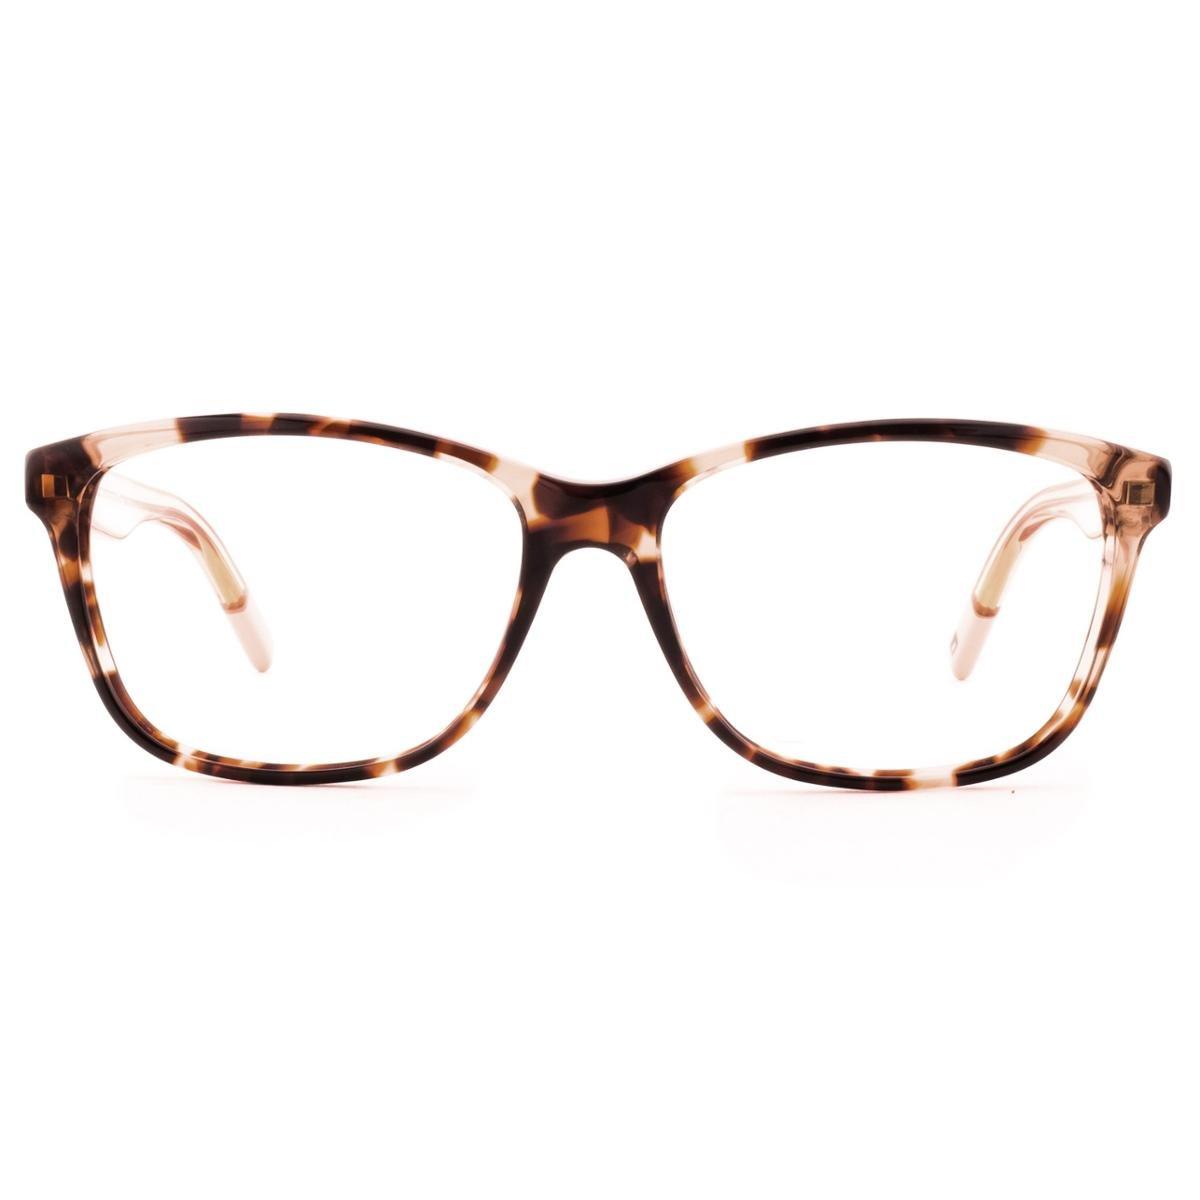 08c677fa6095a Armação Óculos de Grau Tommy Hilfiger TH1191 K5W-53 - Compre Agora    Netshoes